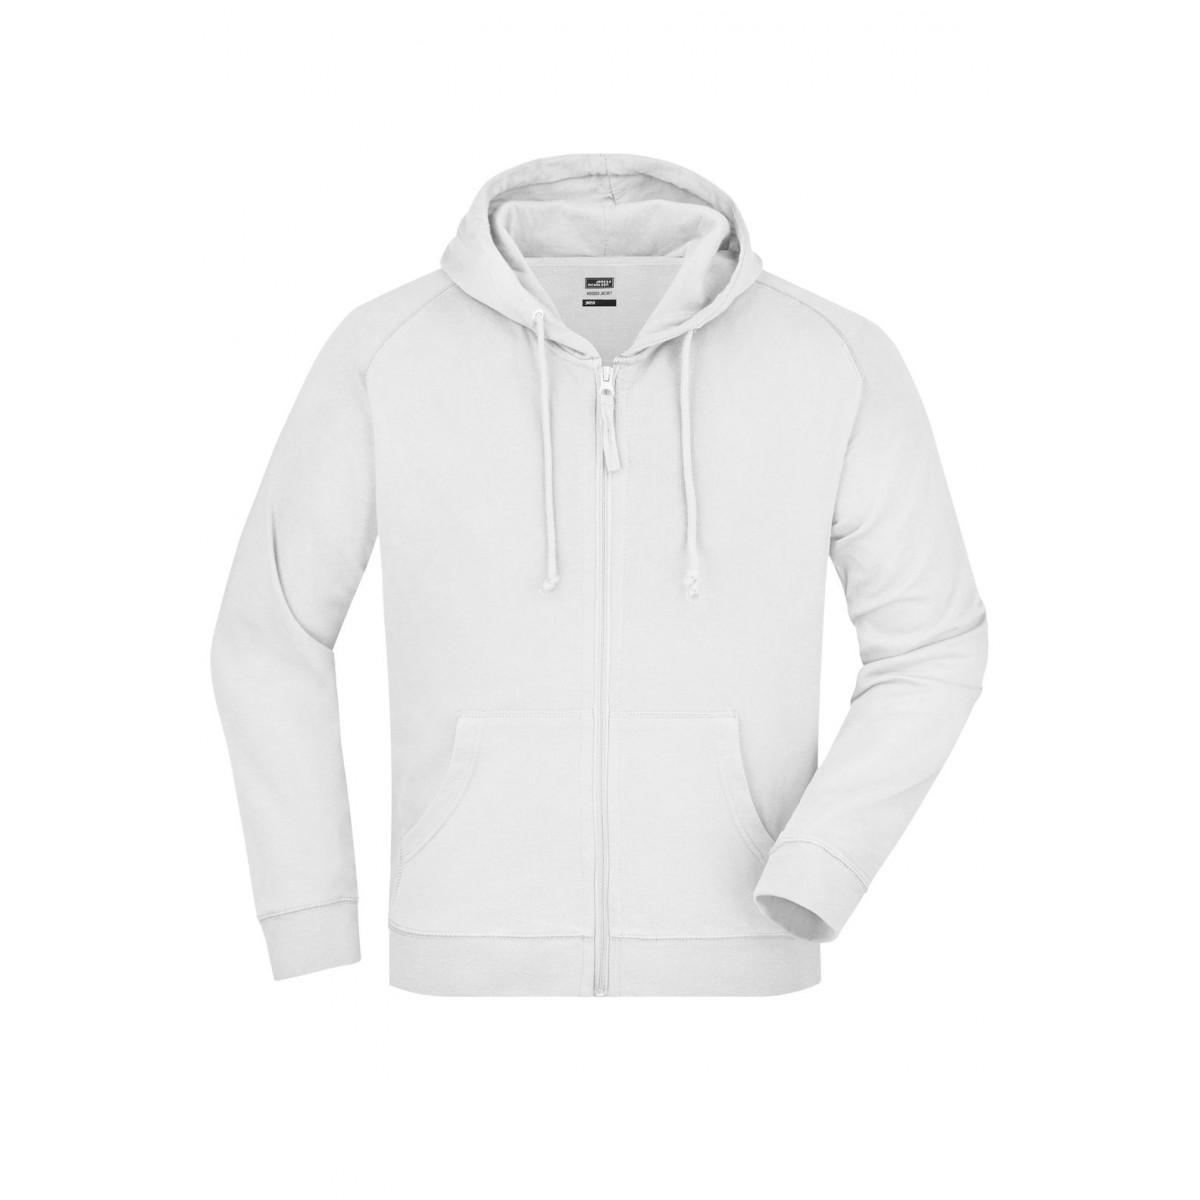 Толстовка мужская JN059 Hooded Jacket - Белый